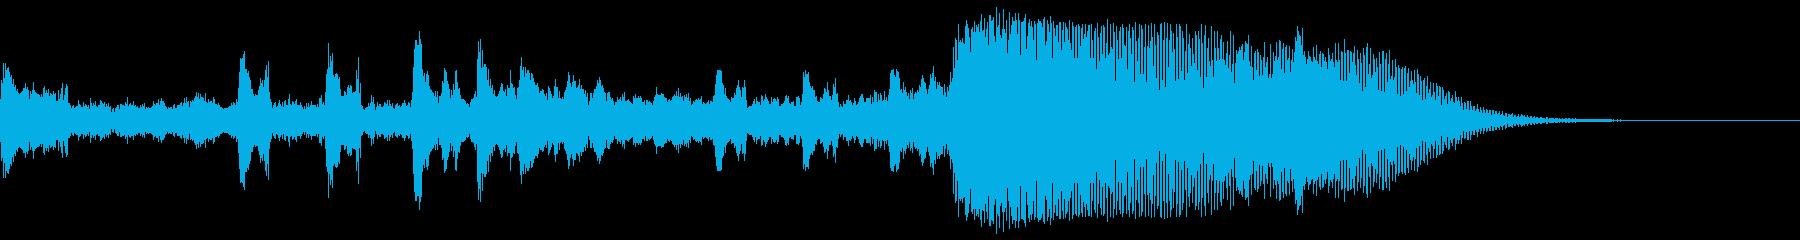 リズミカル〜重層に変化するサウンドロゴの再生済みの波形